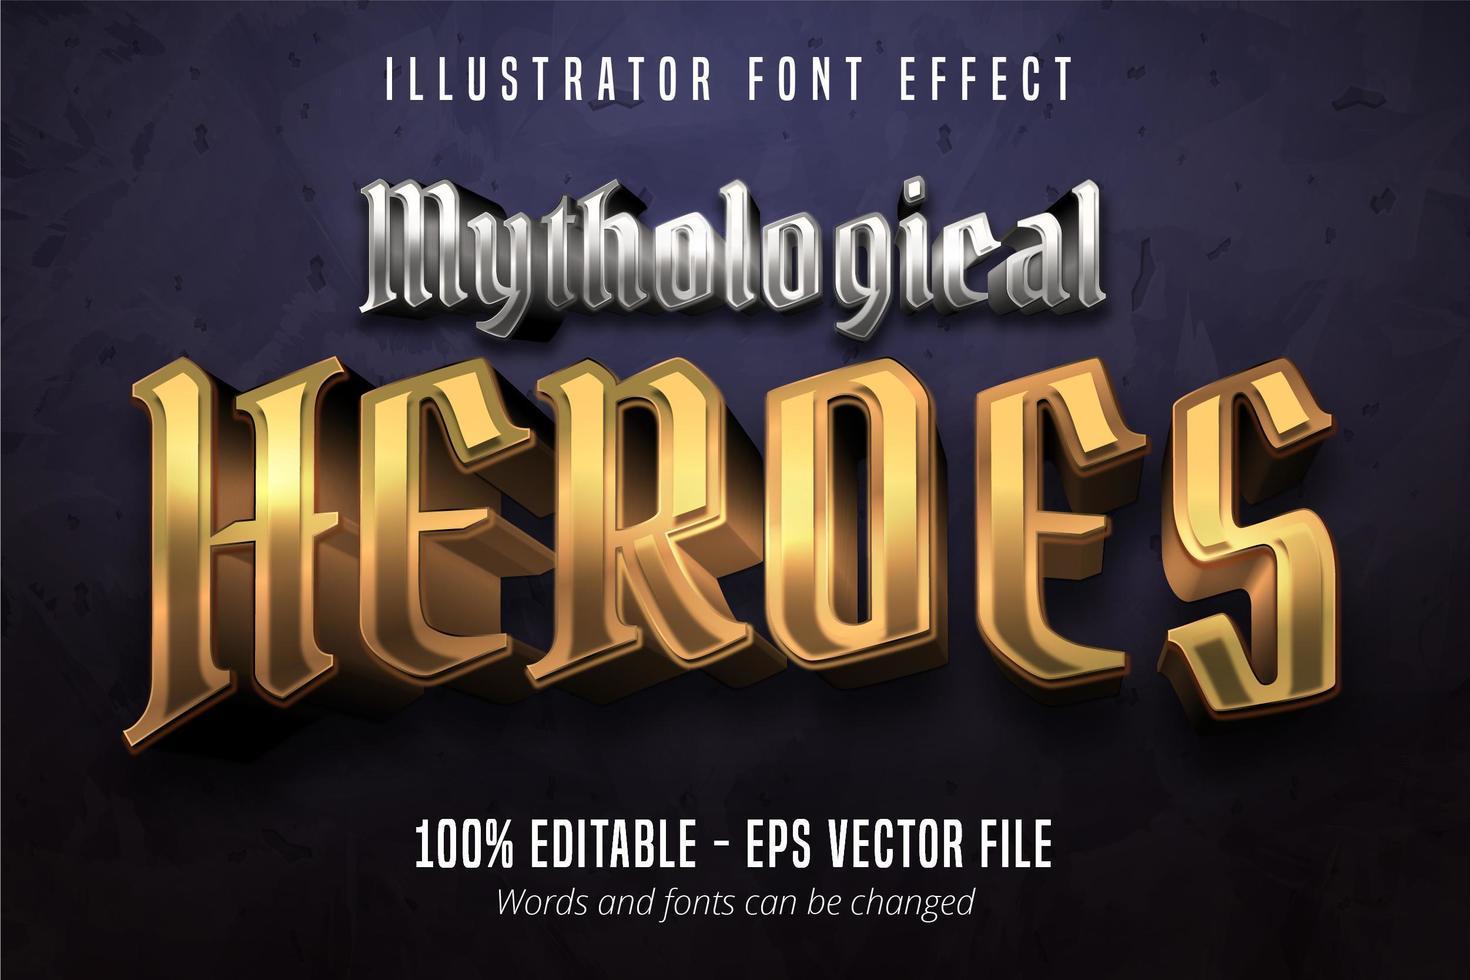 mytologiska hjälte text, 3d guld och silver metallisk stil redigerbar typsnitt effekt vektor